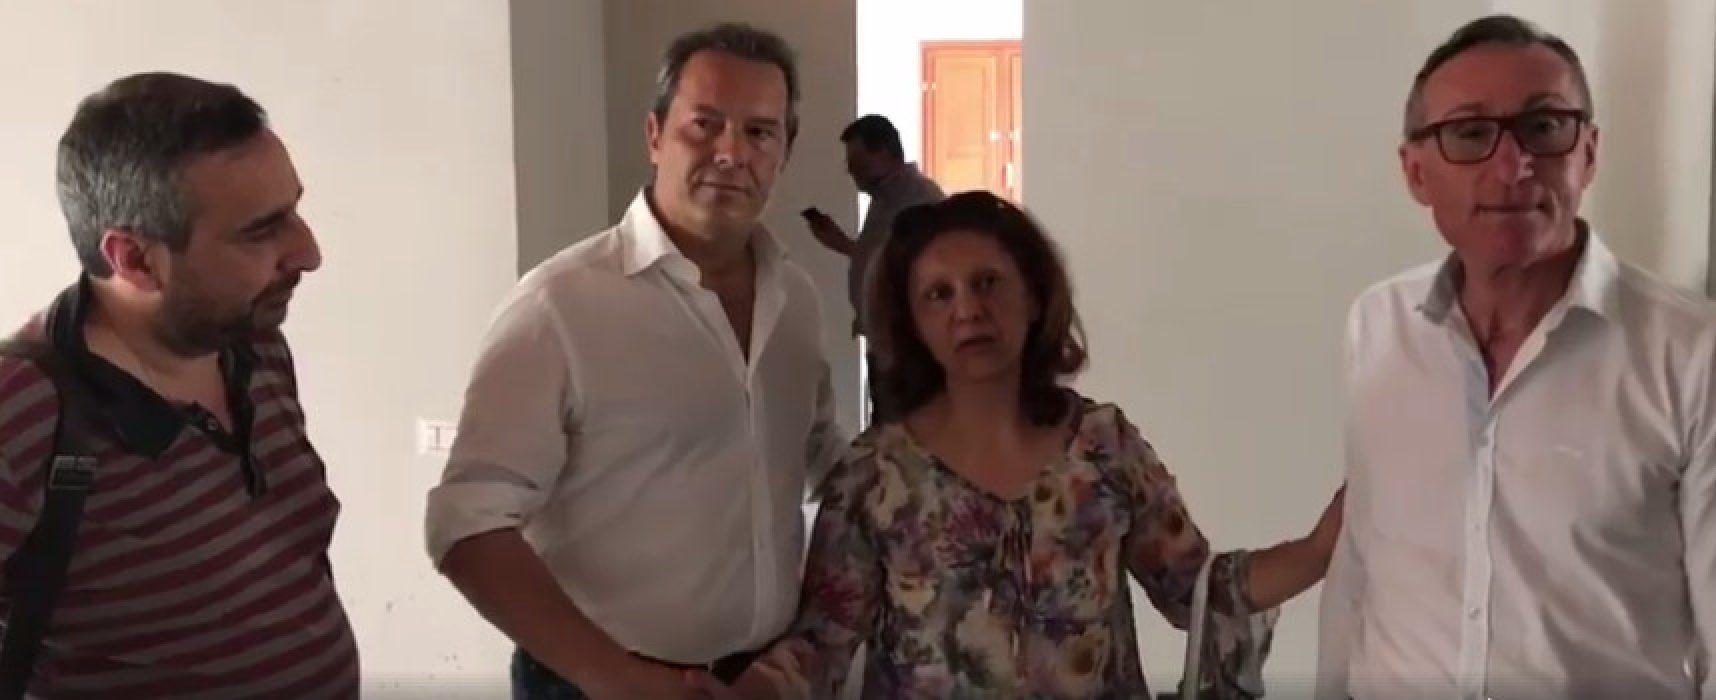 Consegnata dal Comune la nuova casa per la piccola Marianna